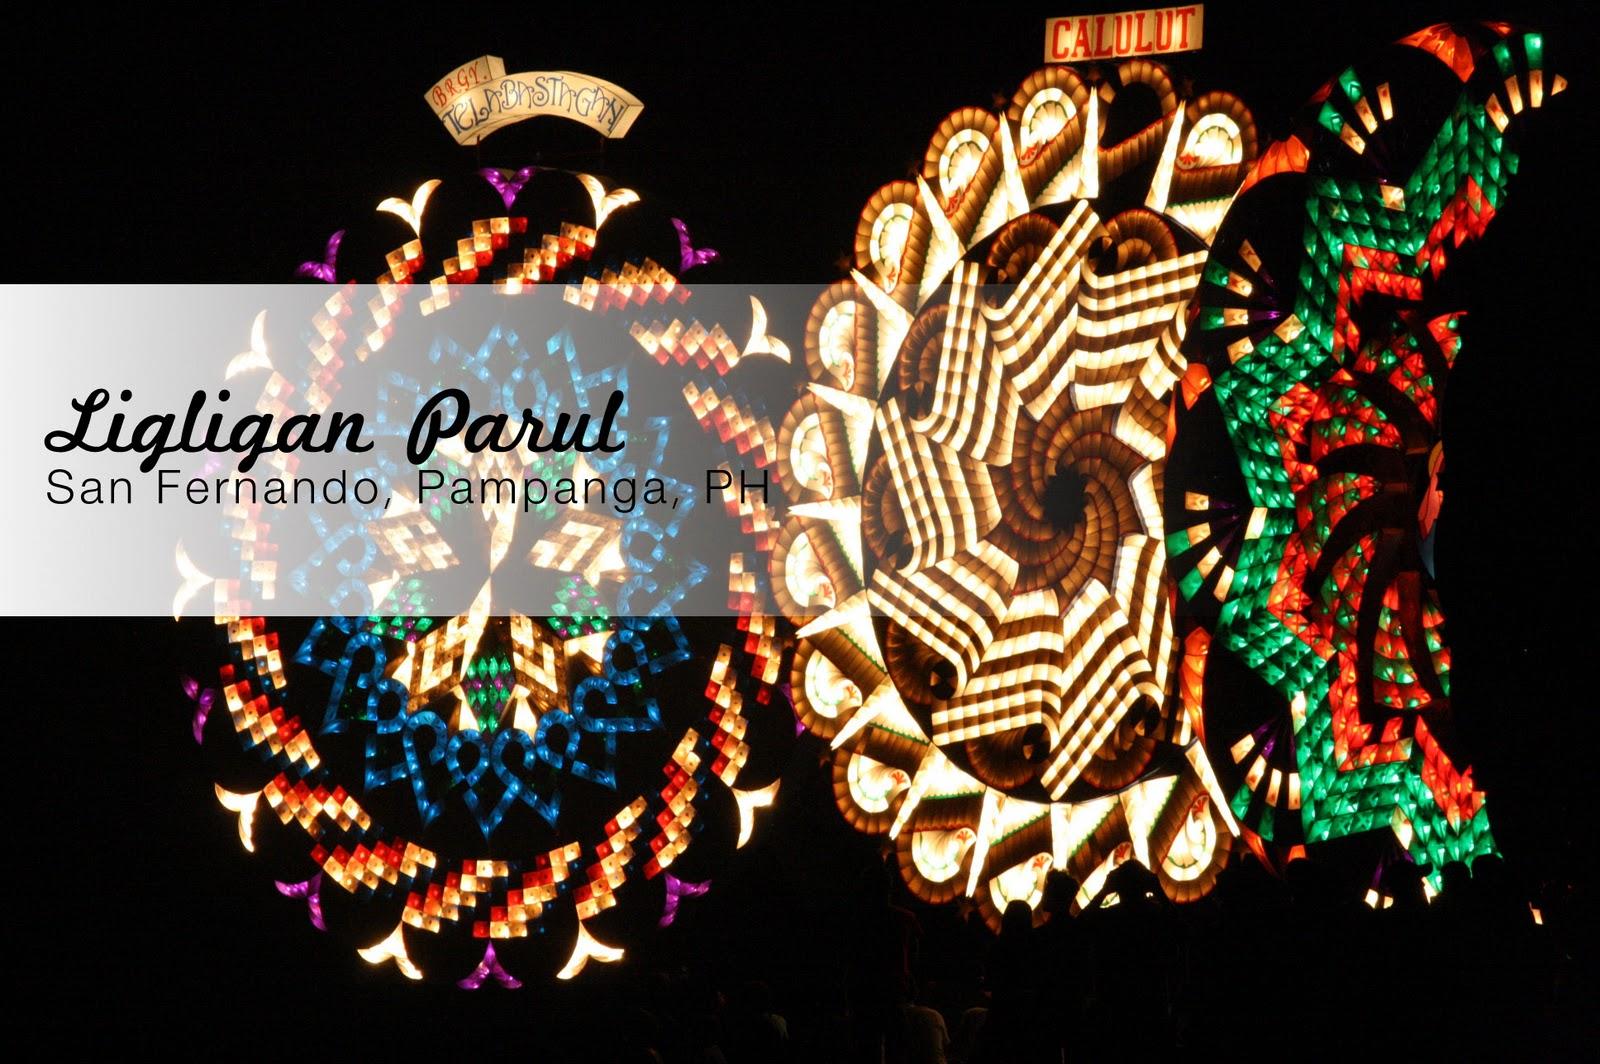 giant-lantern-festival-2016